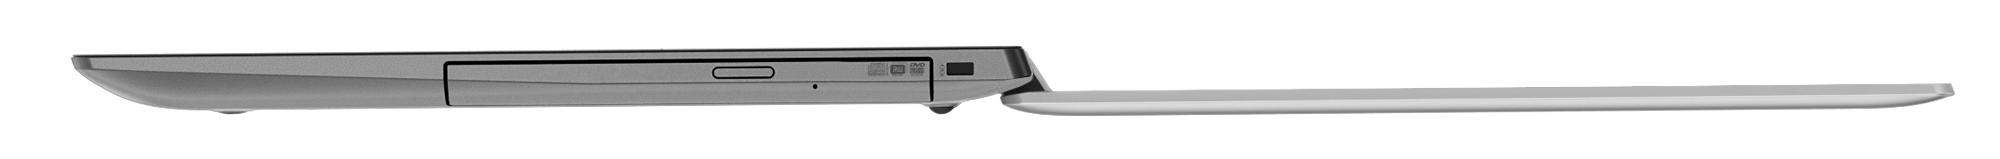 Фото  Ноутбук Lenovo ideapad 330-15 Platinum Grey (81DE019FRA)